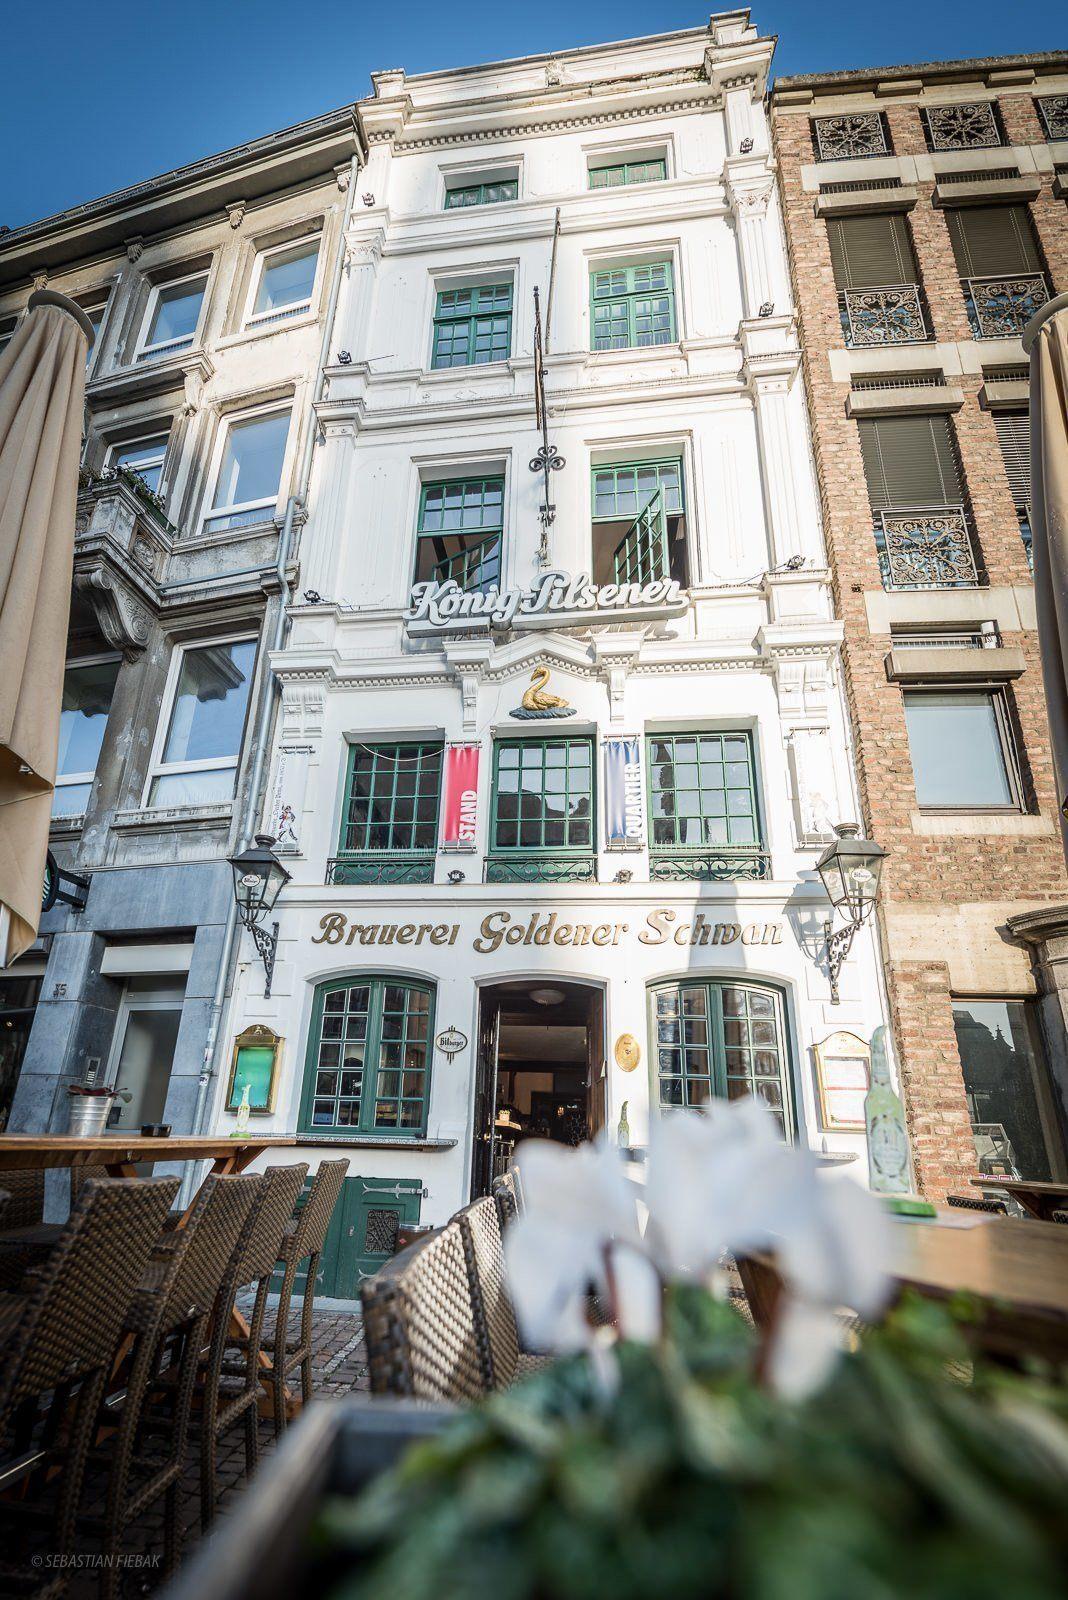 goldener schwan google street view 2